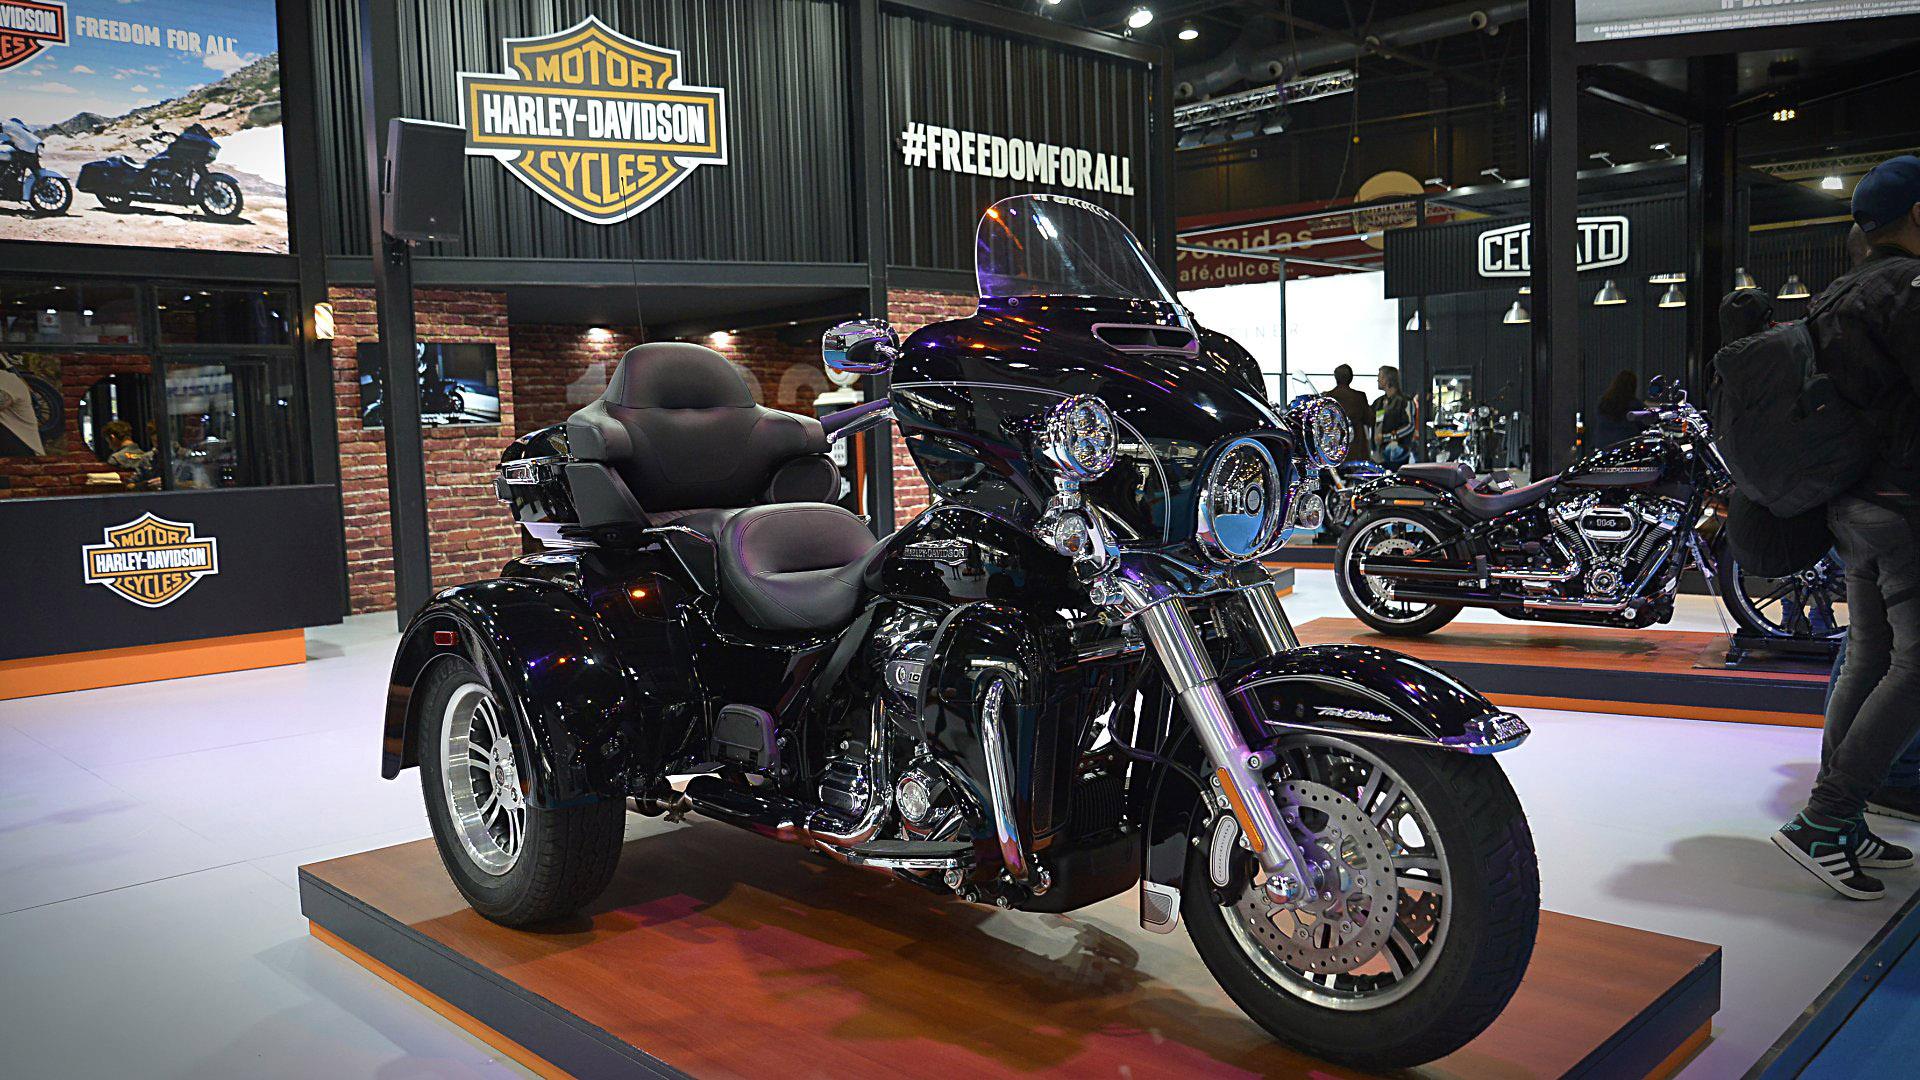 En el corazón del stand de Harley-Davidson se encuentra la Tri Glide Ultra, una moto con tres ruedas que cuesta 78.500 dólares. Según la información de la firma, se vendieron al menos seis unidades en el país